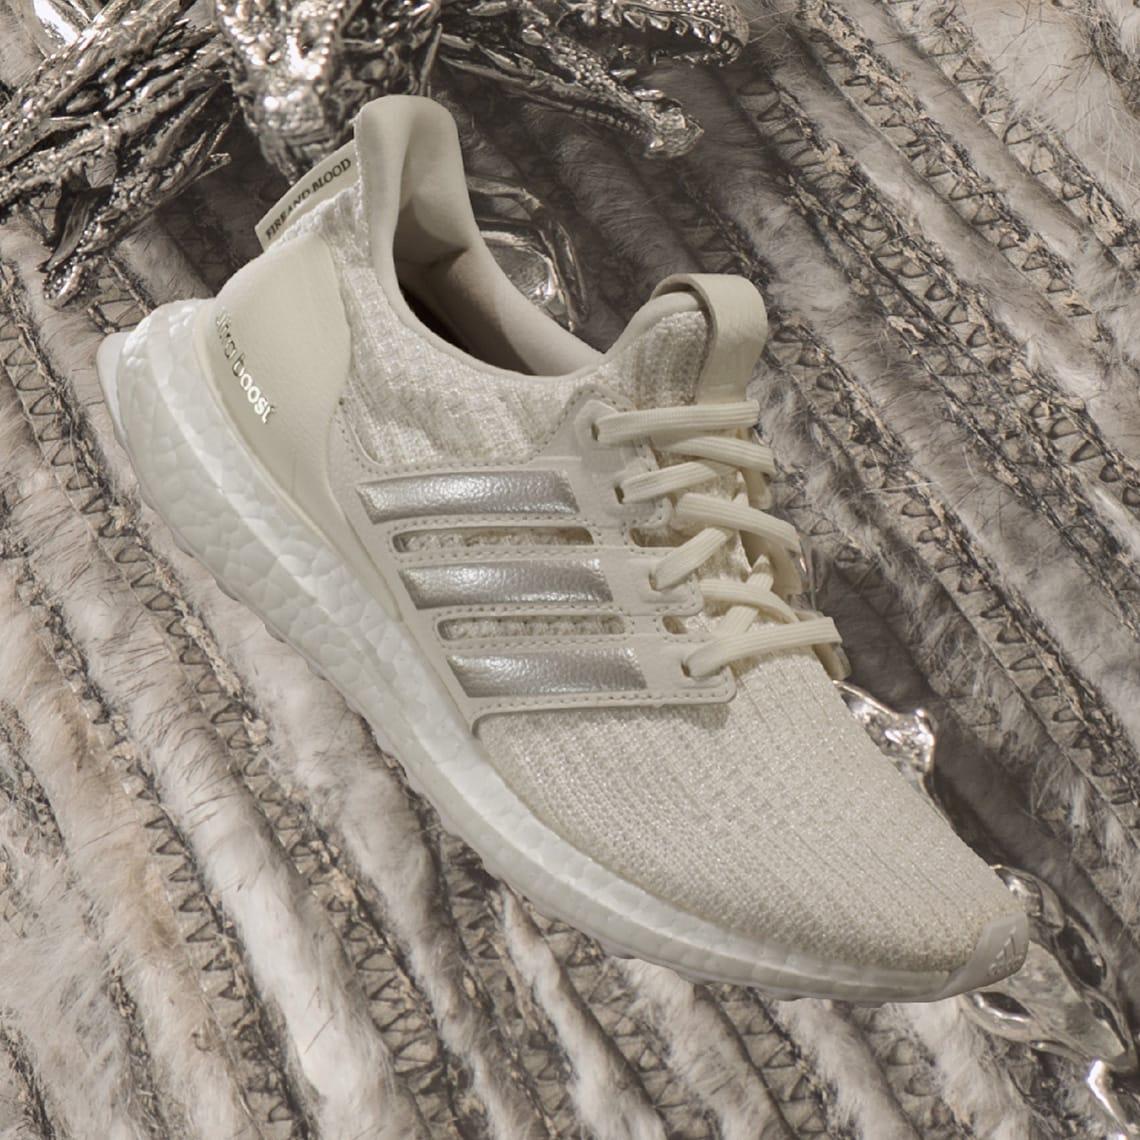 null, (Off White / Silver Metallic / Core Black), 22 March